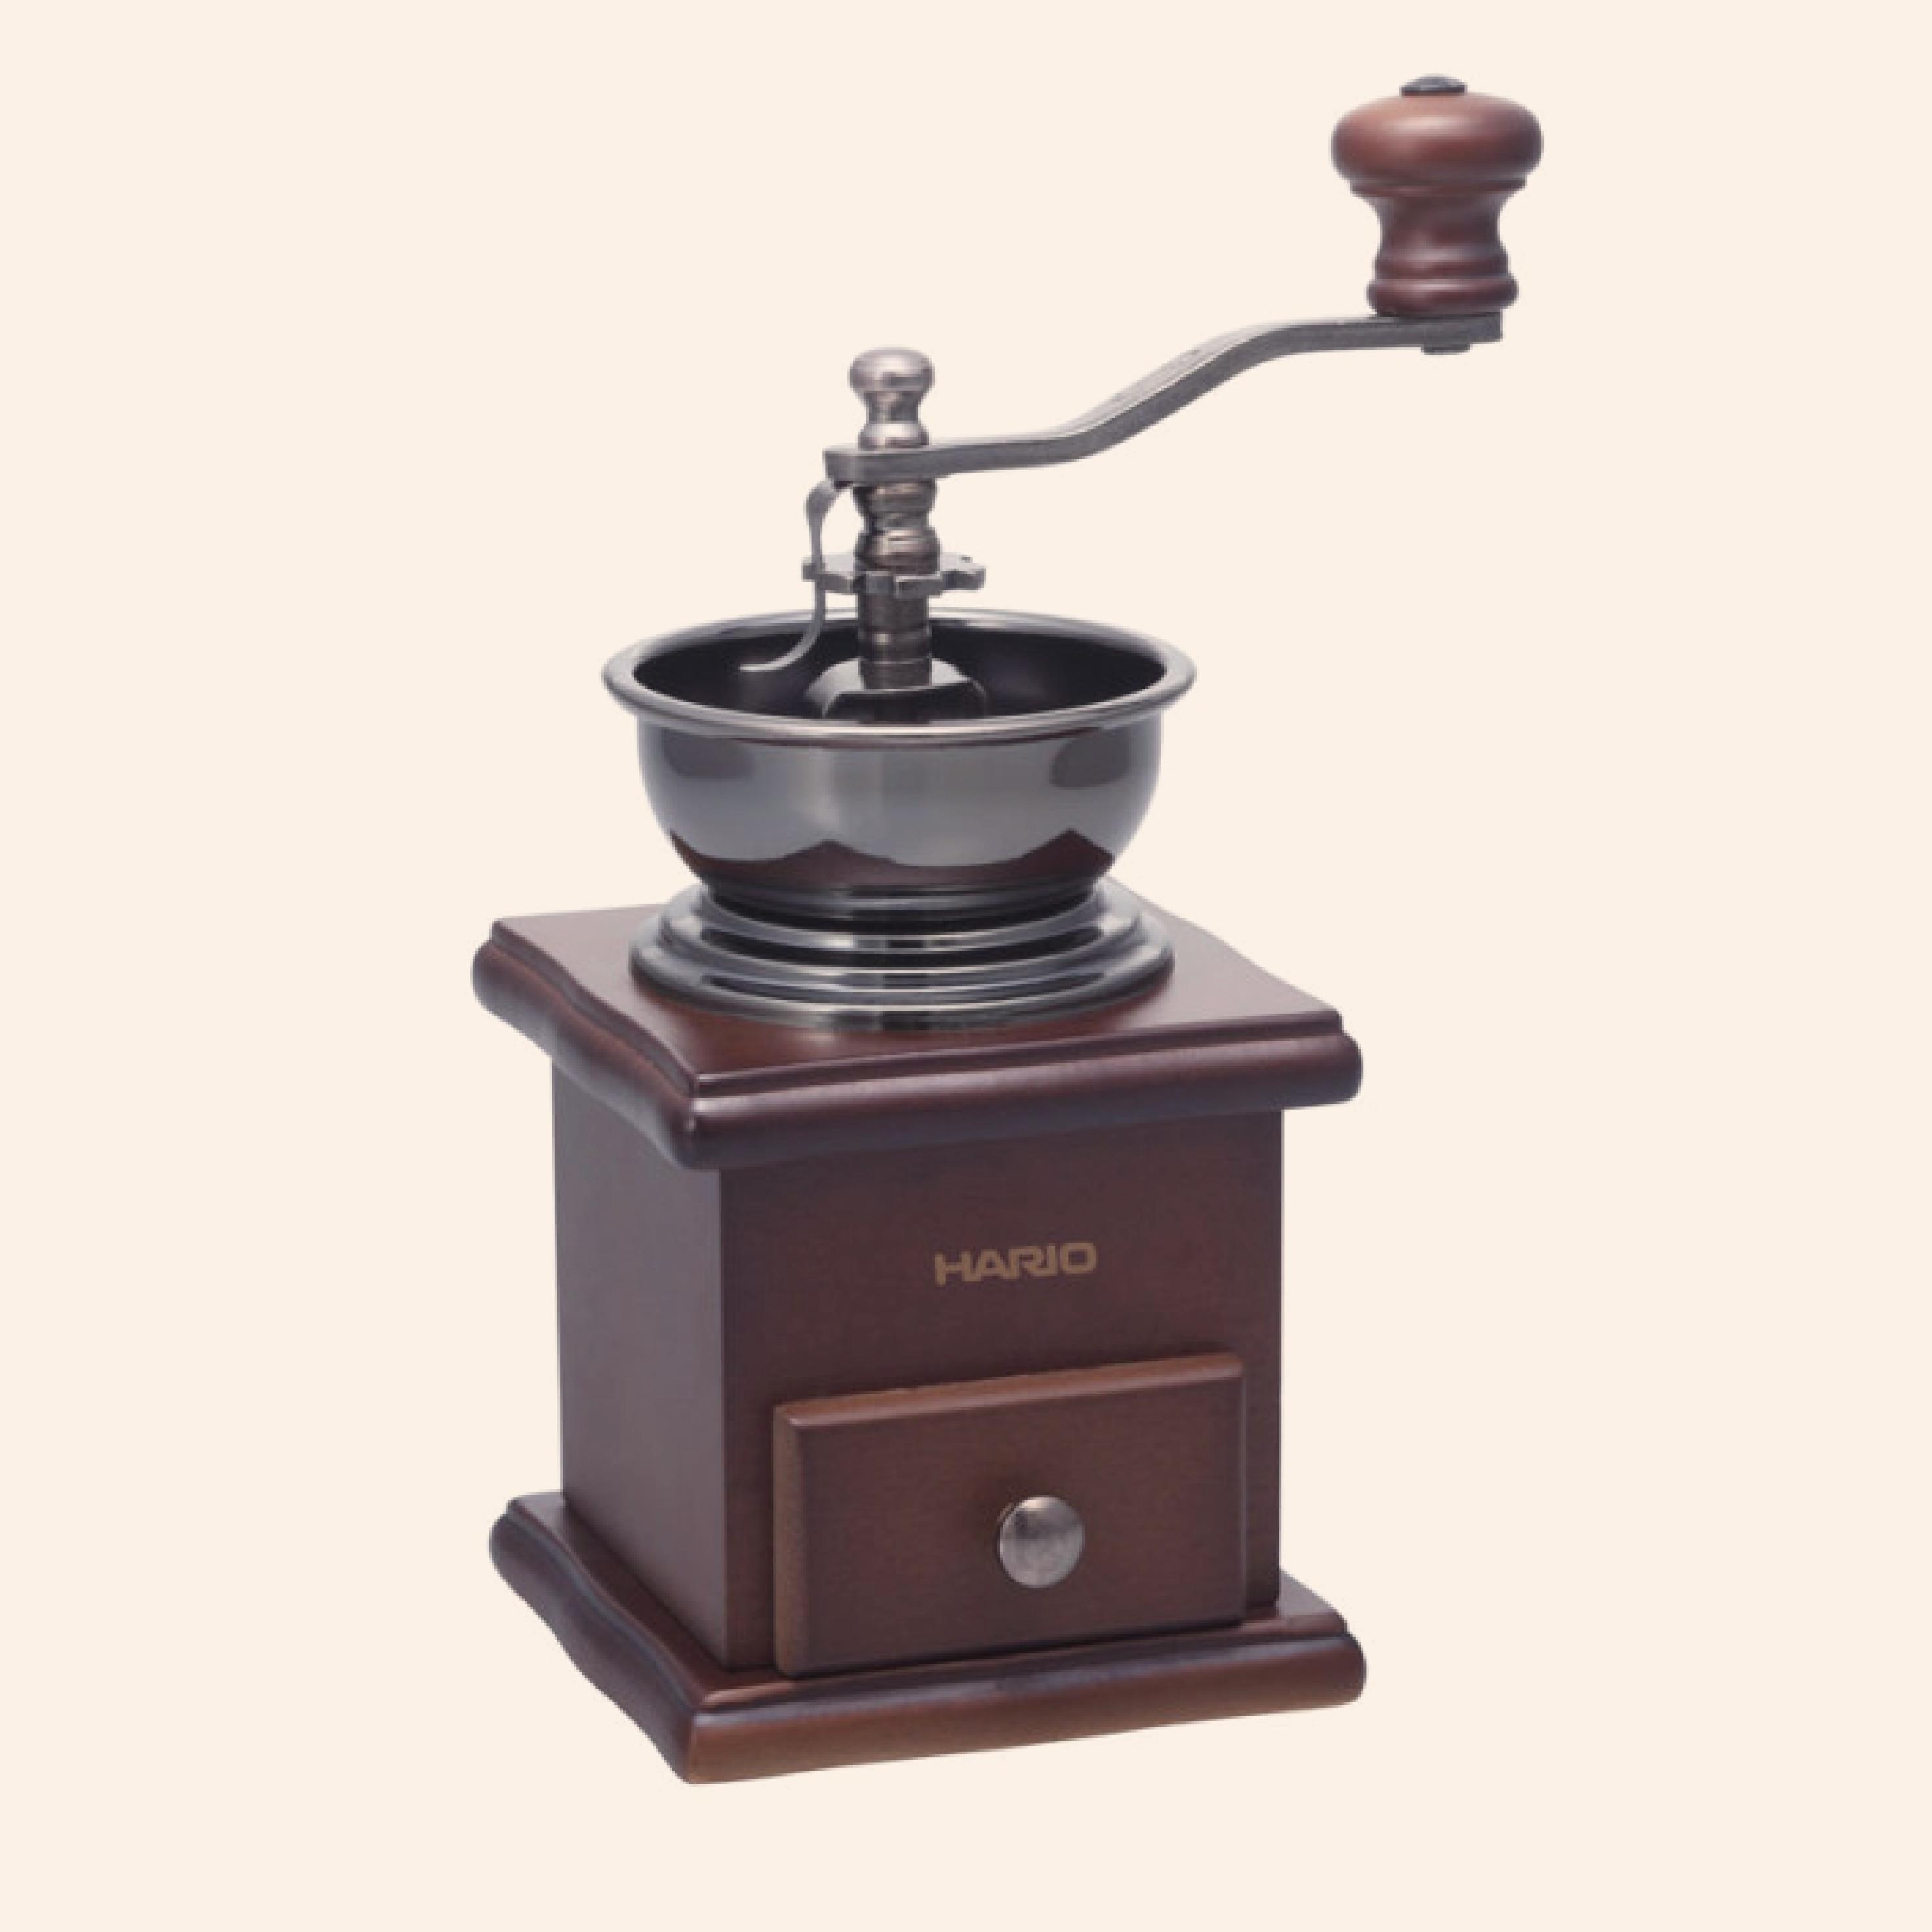 Hario Koffiemolen Standard